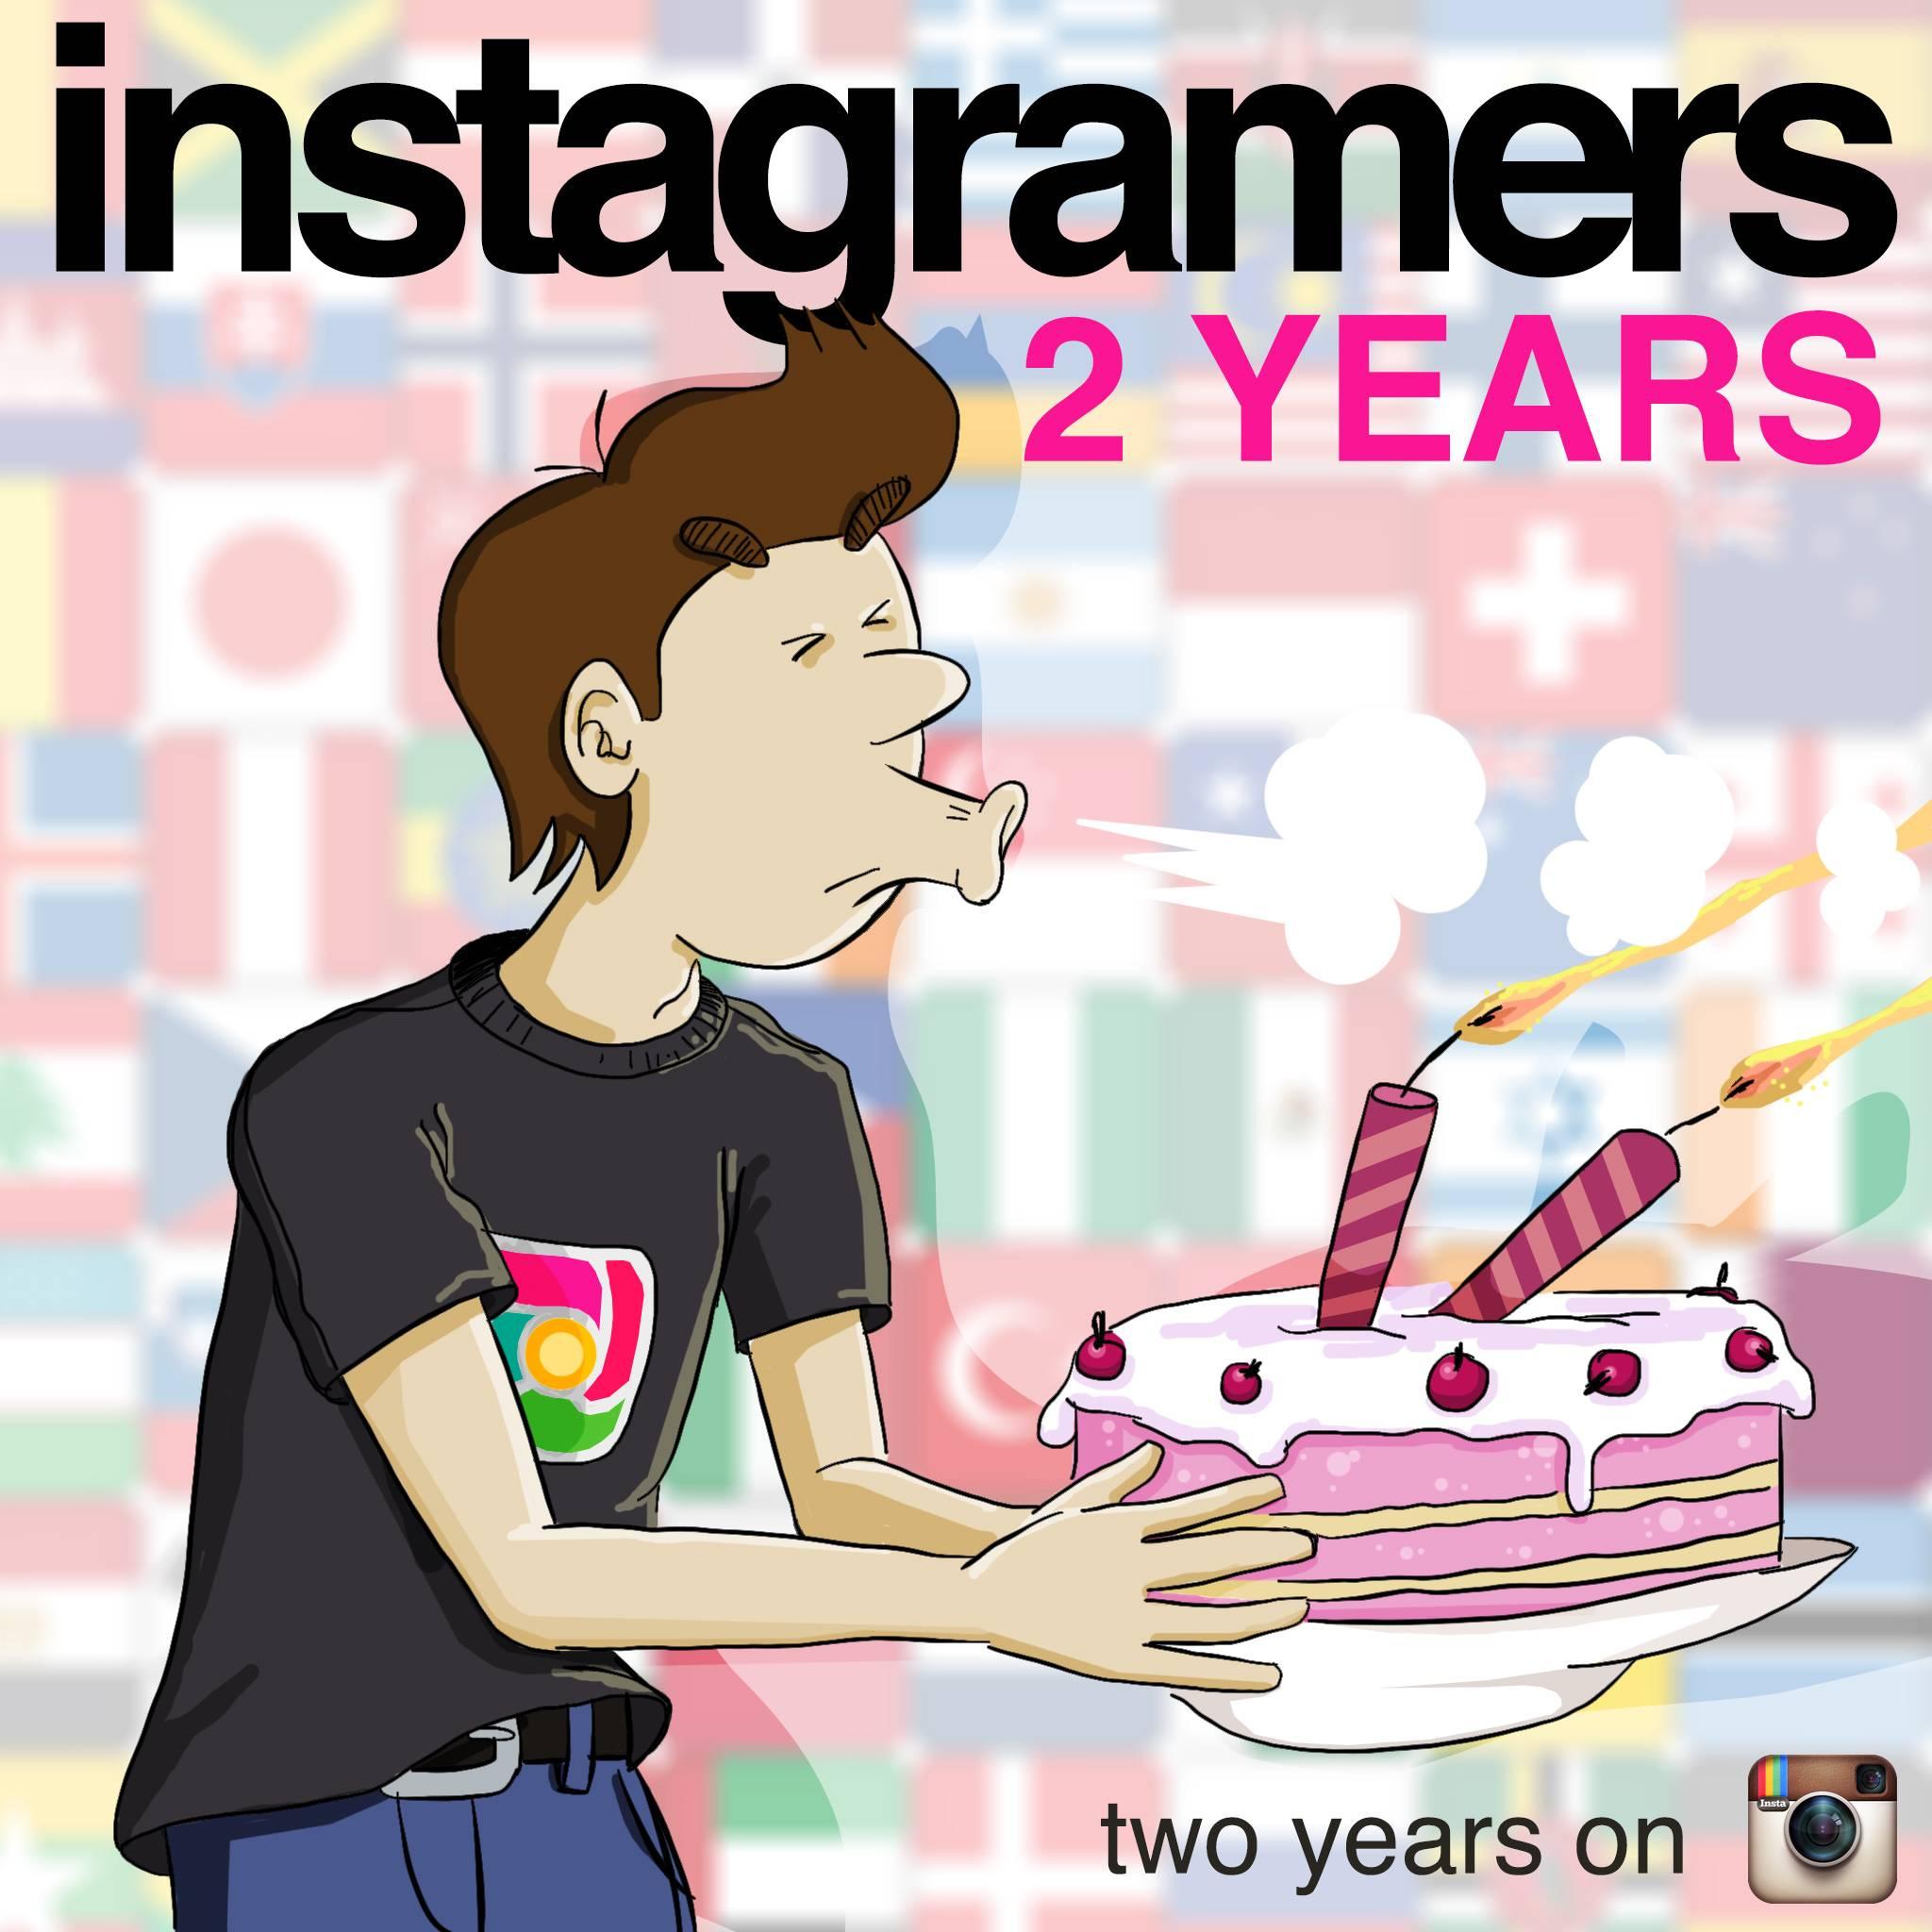 Instagramers Celebra hoy su Segundo Cumpleaños y sus 3 Millones de Visitas